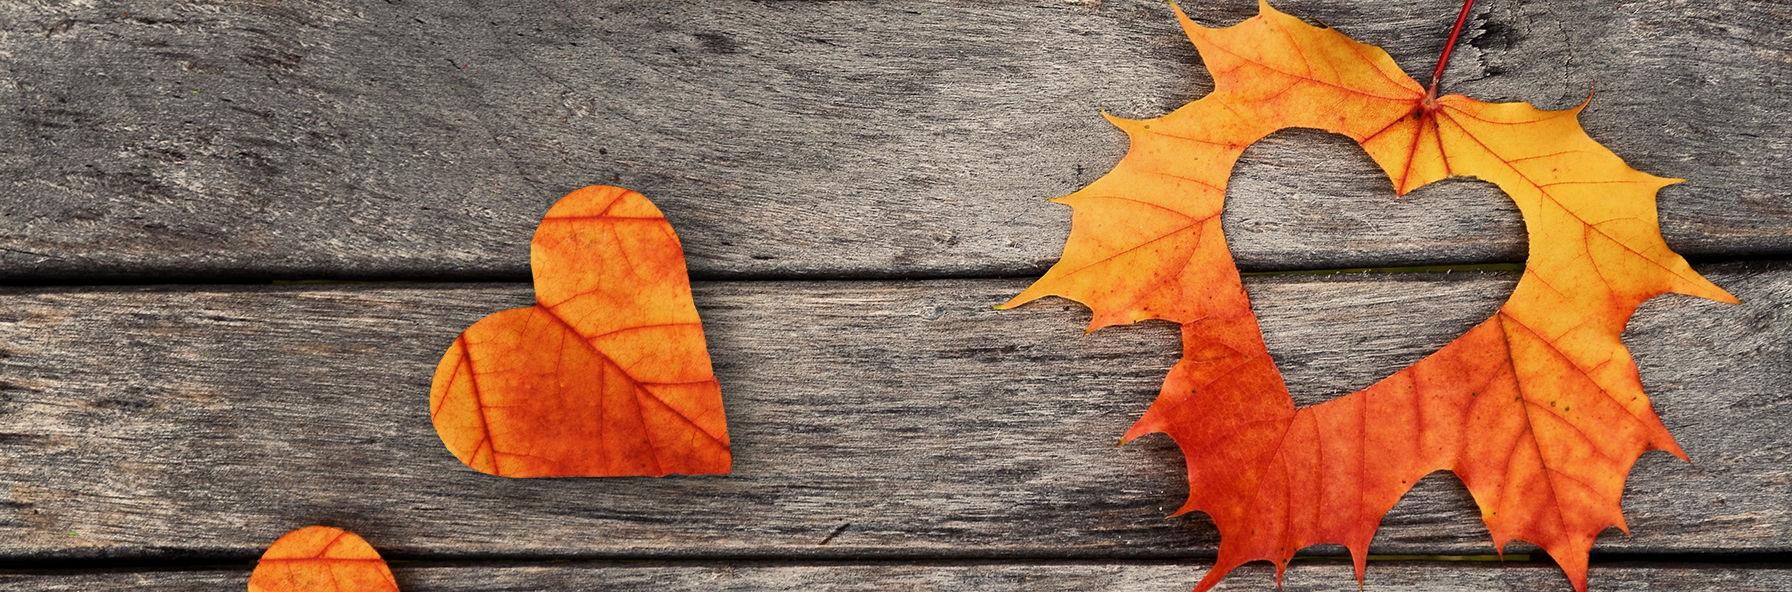 Podzimní relaxace a odpočinek